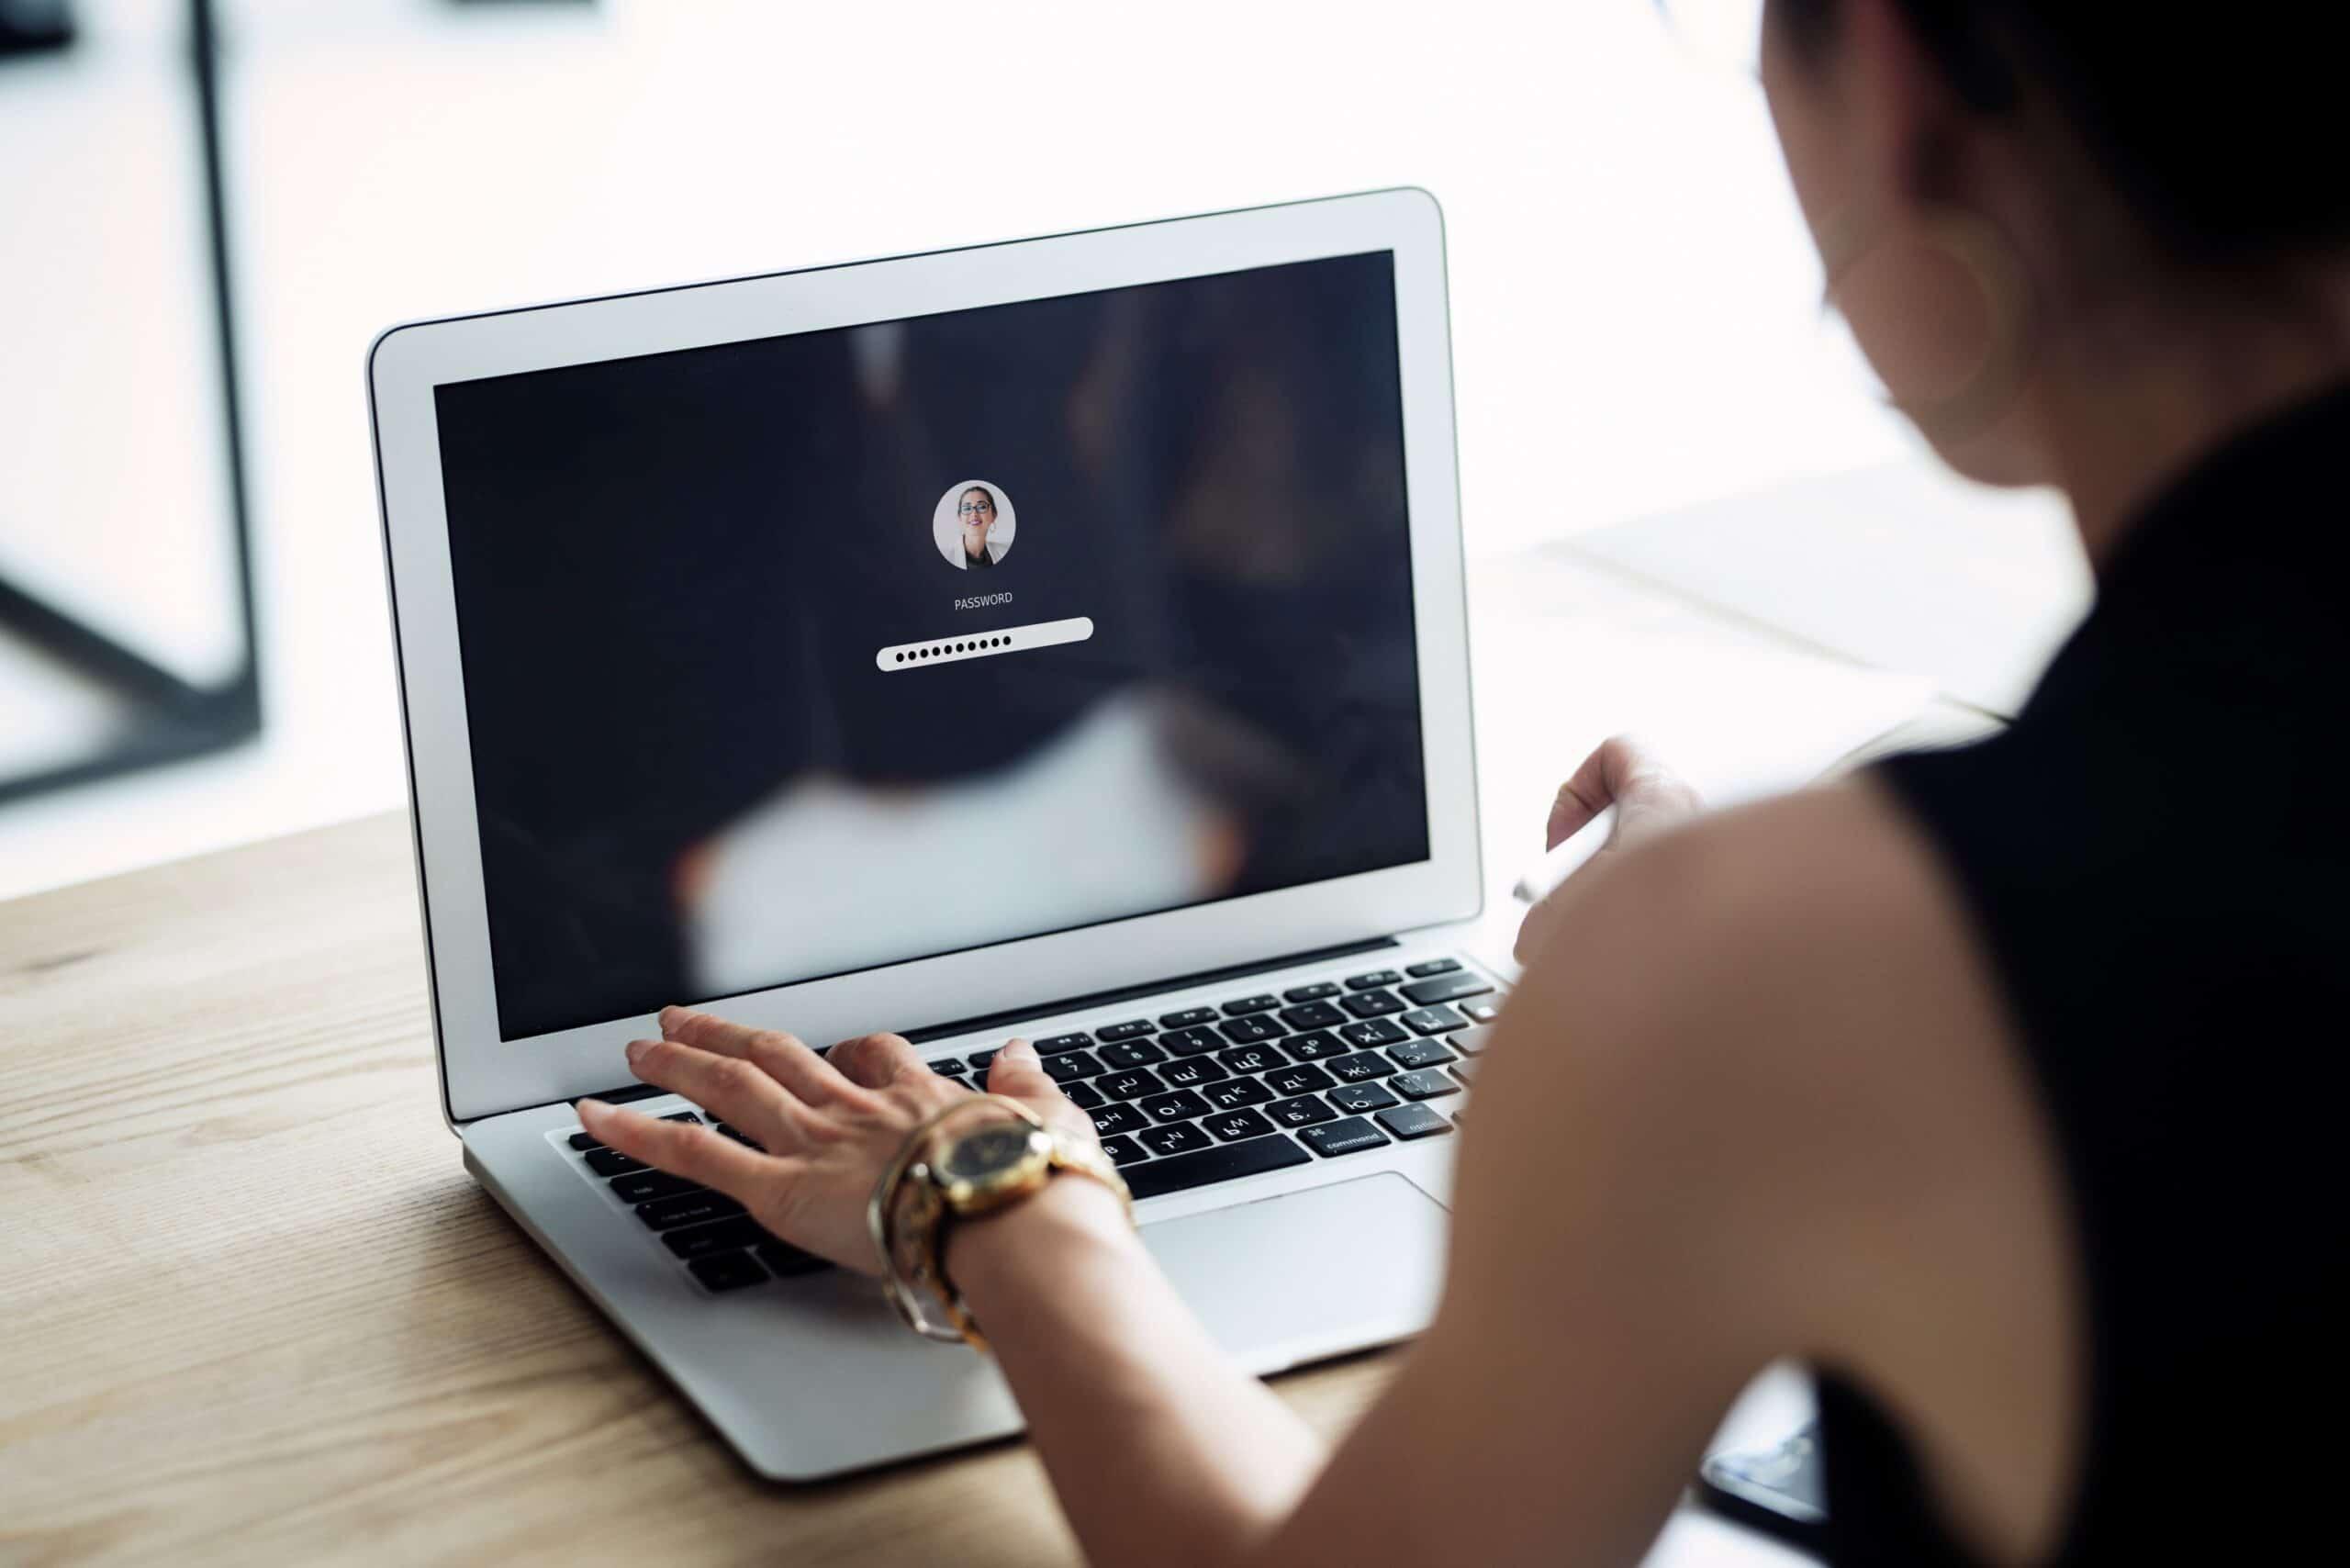 Mulher digitando a senha num MacBook Air